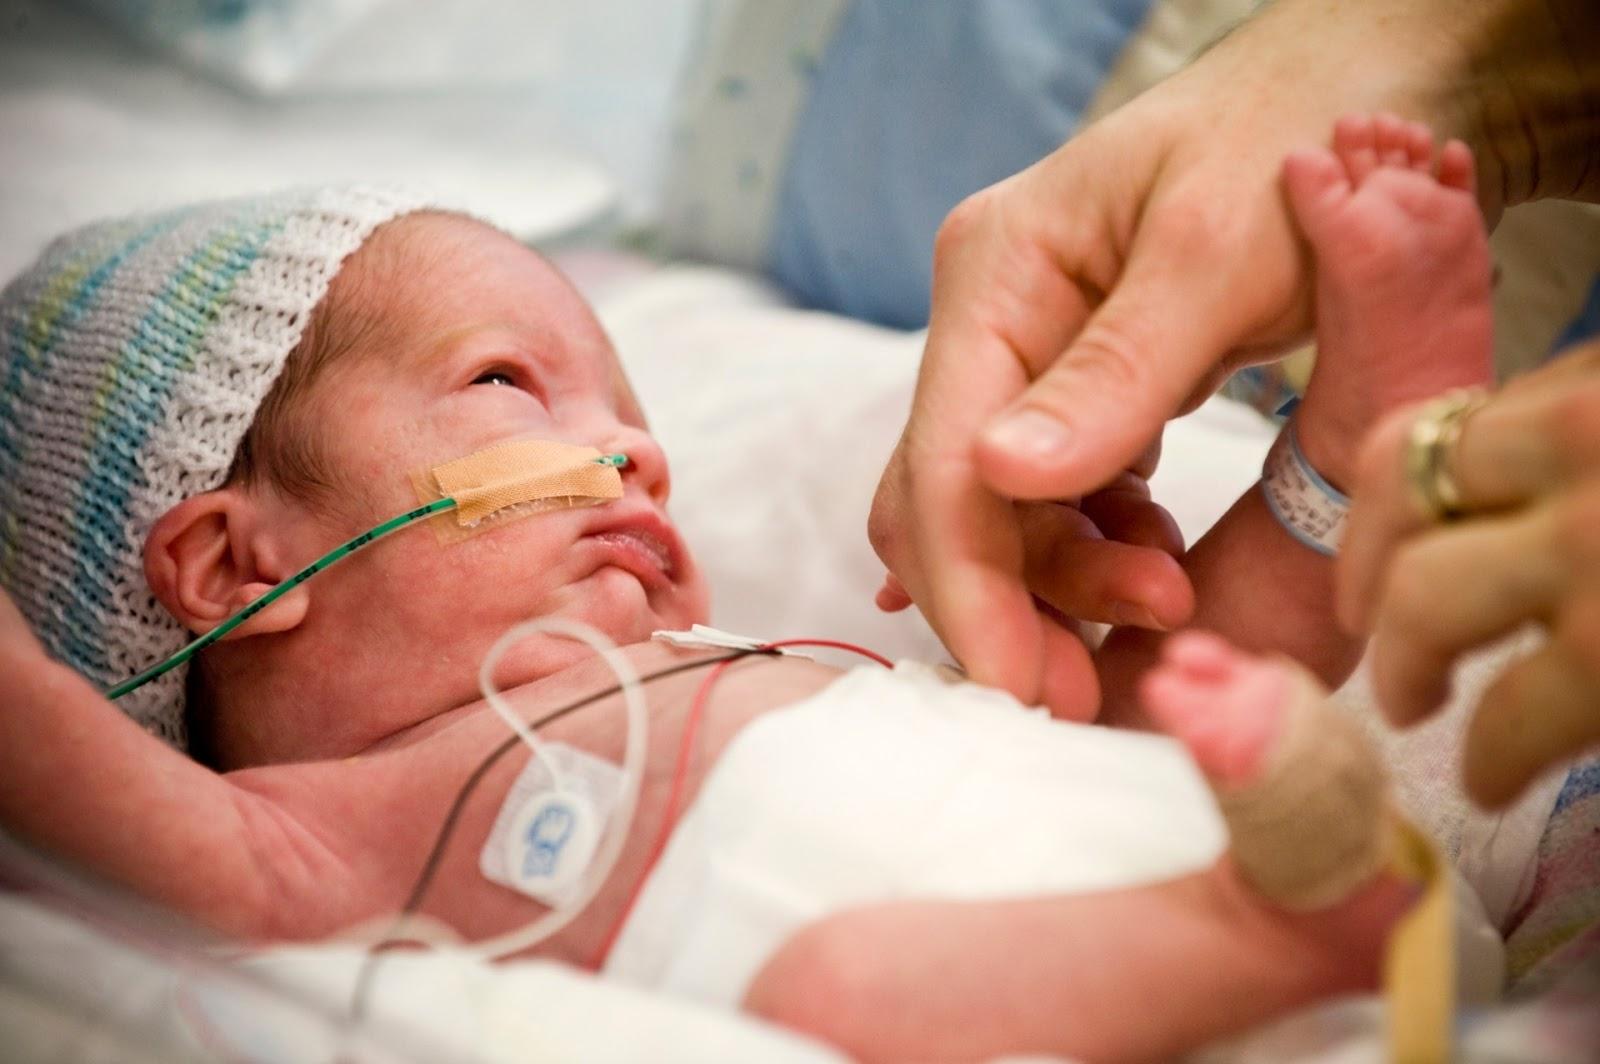 Chăm sóc trẻ sinh non và bệnh màng trong ở trẻ sơ sinh - Phụ nữ Pháp luật